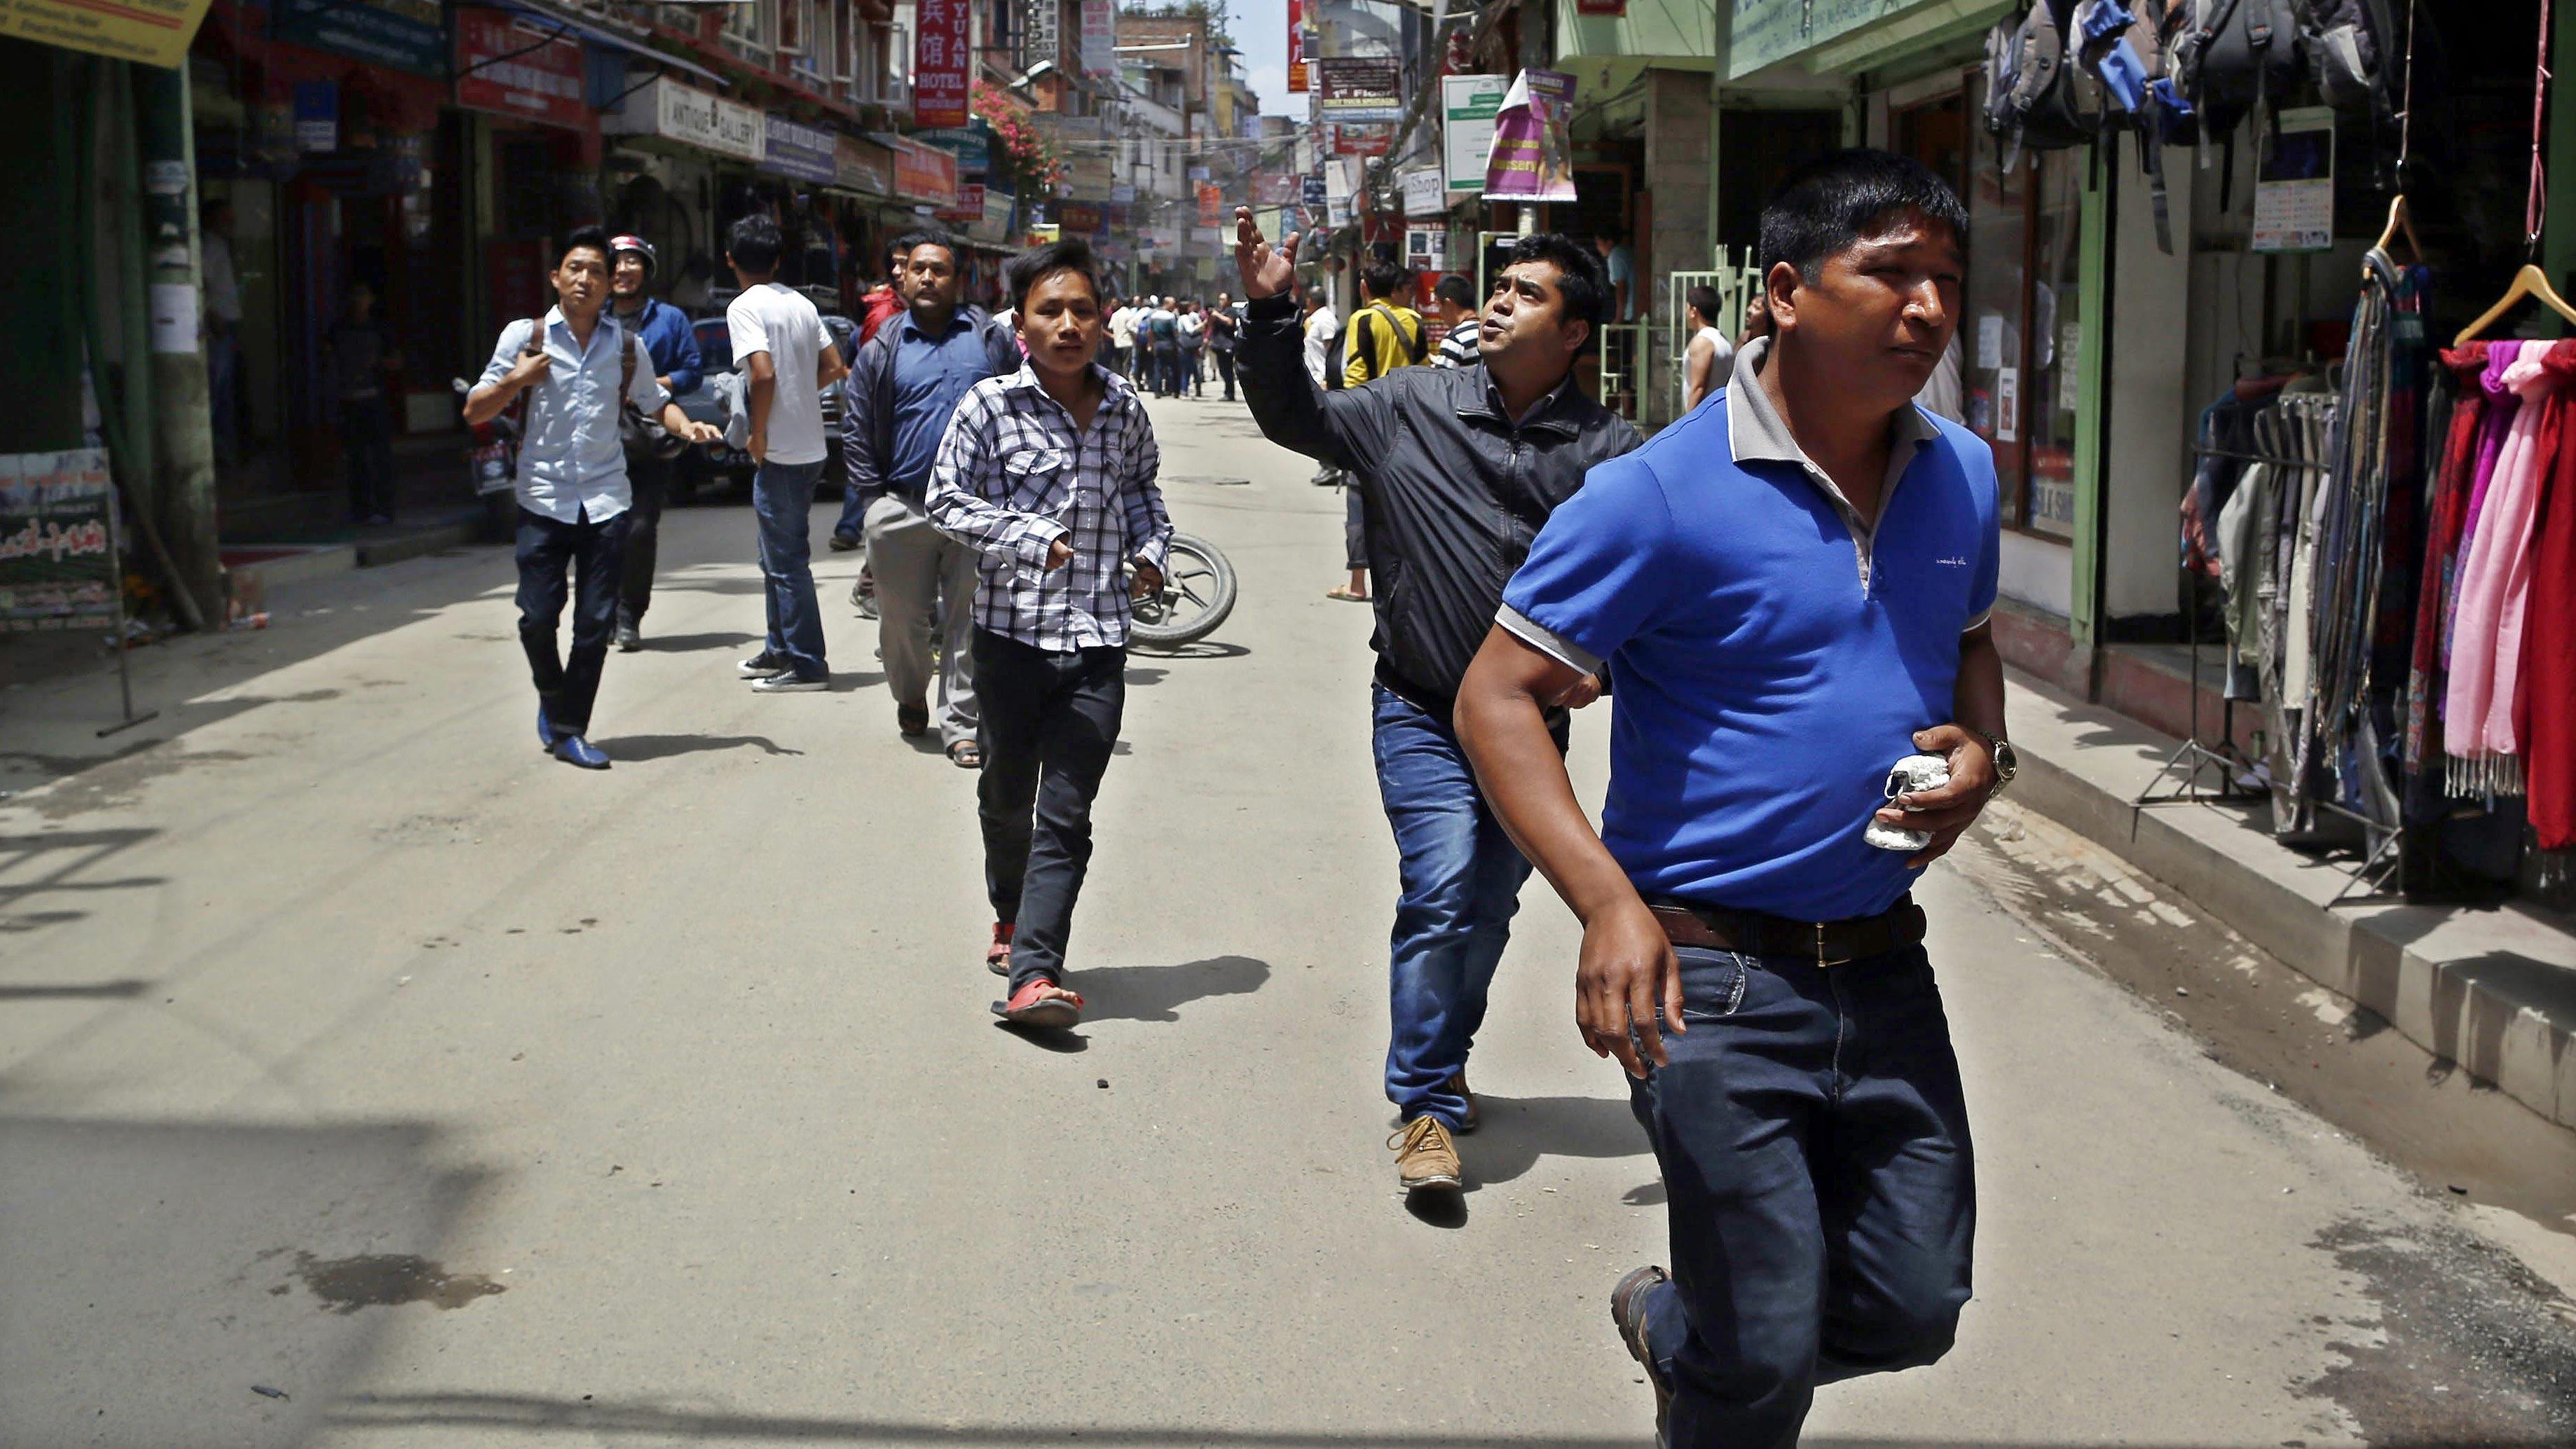 Nepalíes buscan un lugar seguro en Katmandú tras el terremoto. Foto: EFE/Mast Irham